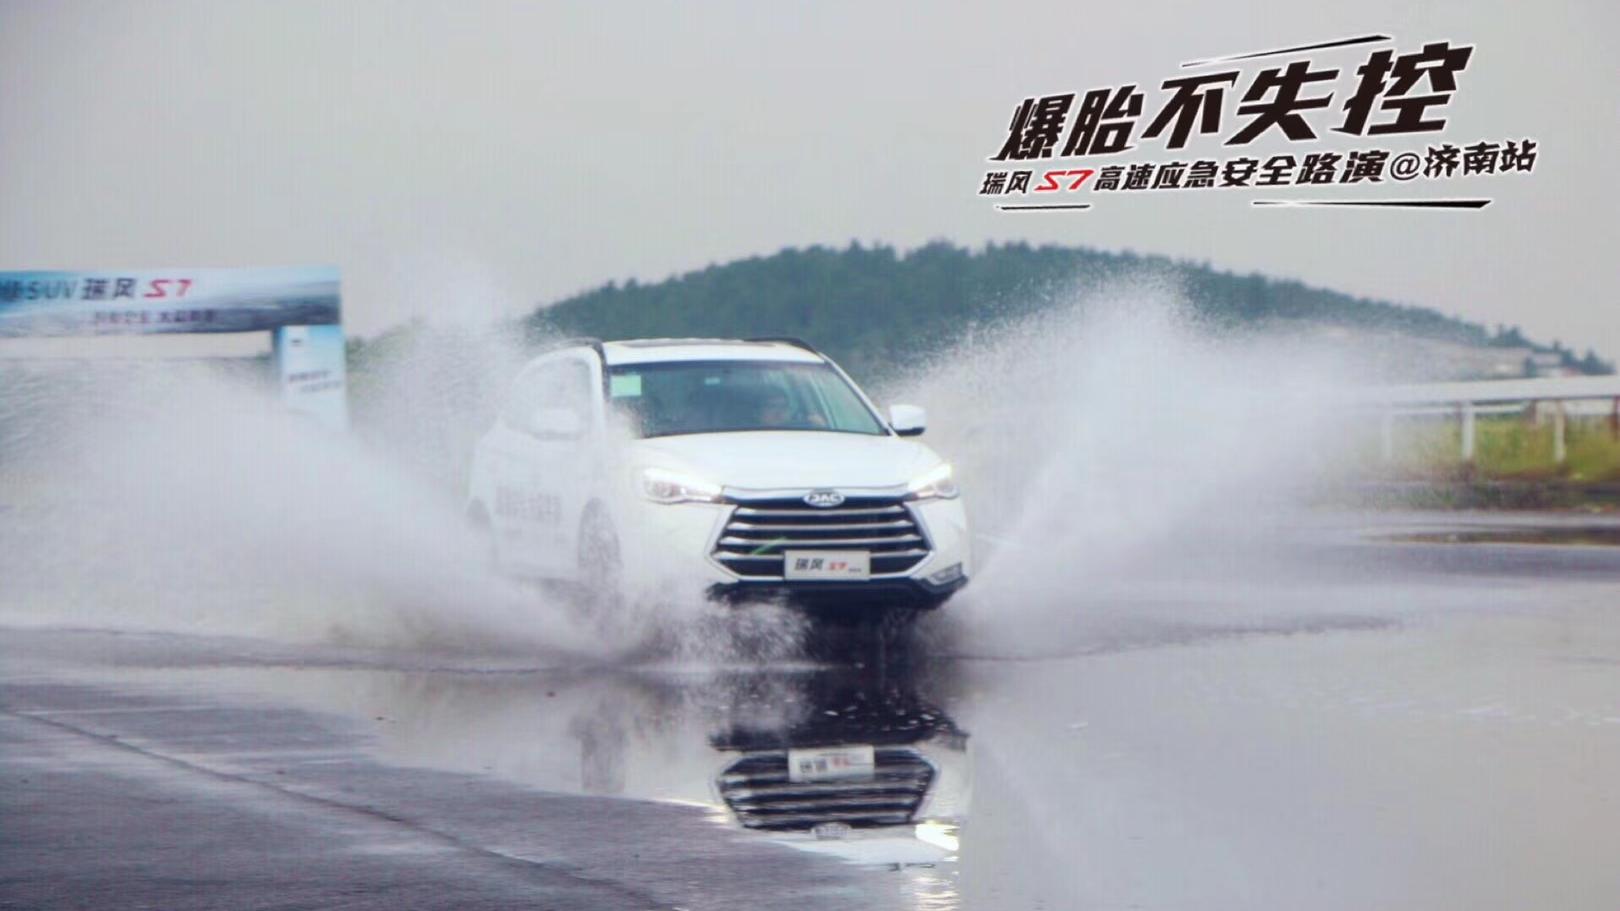 瑞风S7超级版登录山东,现场测试爆胎不失控技术